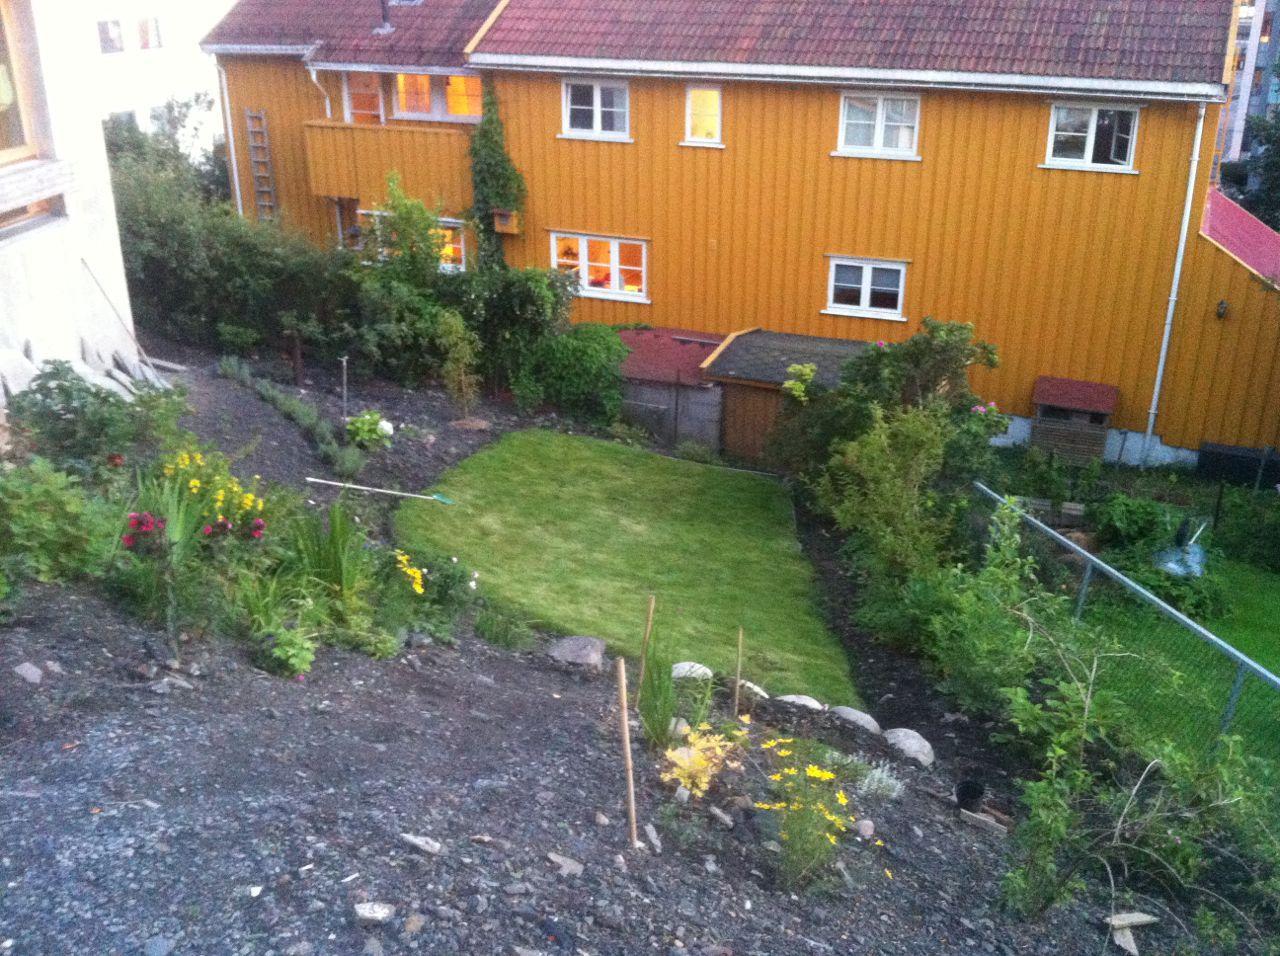 Sånn ser hagen min ut nå. En stram, liten gressplen. Staudebed. Roser. Bær. Og noen høyvokste planter